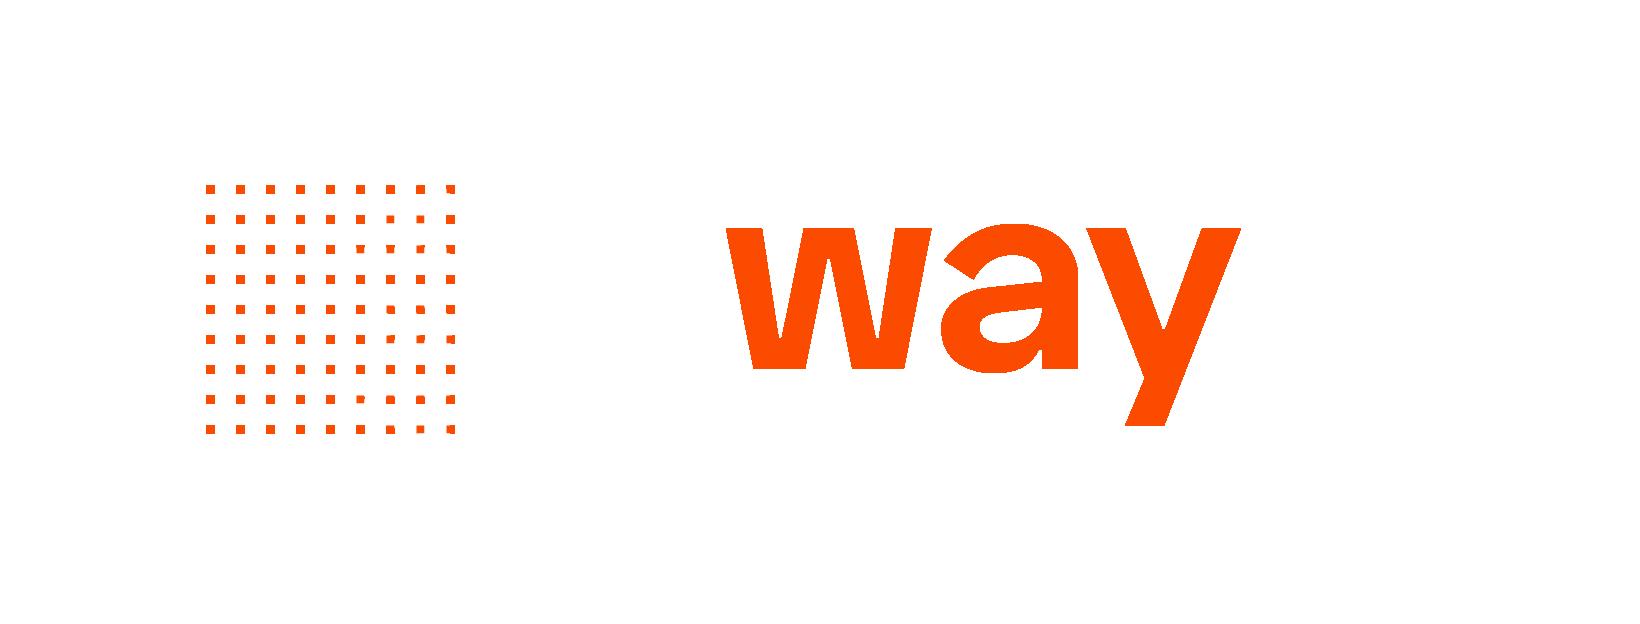 Make a New Way